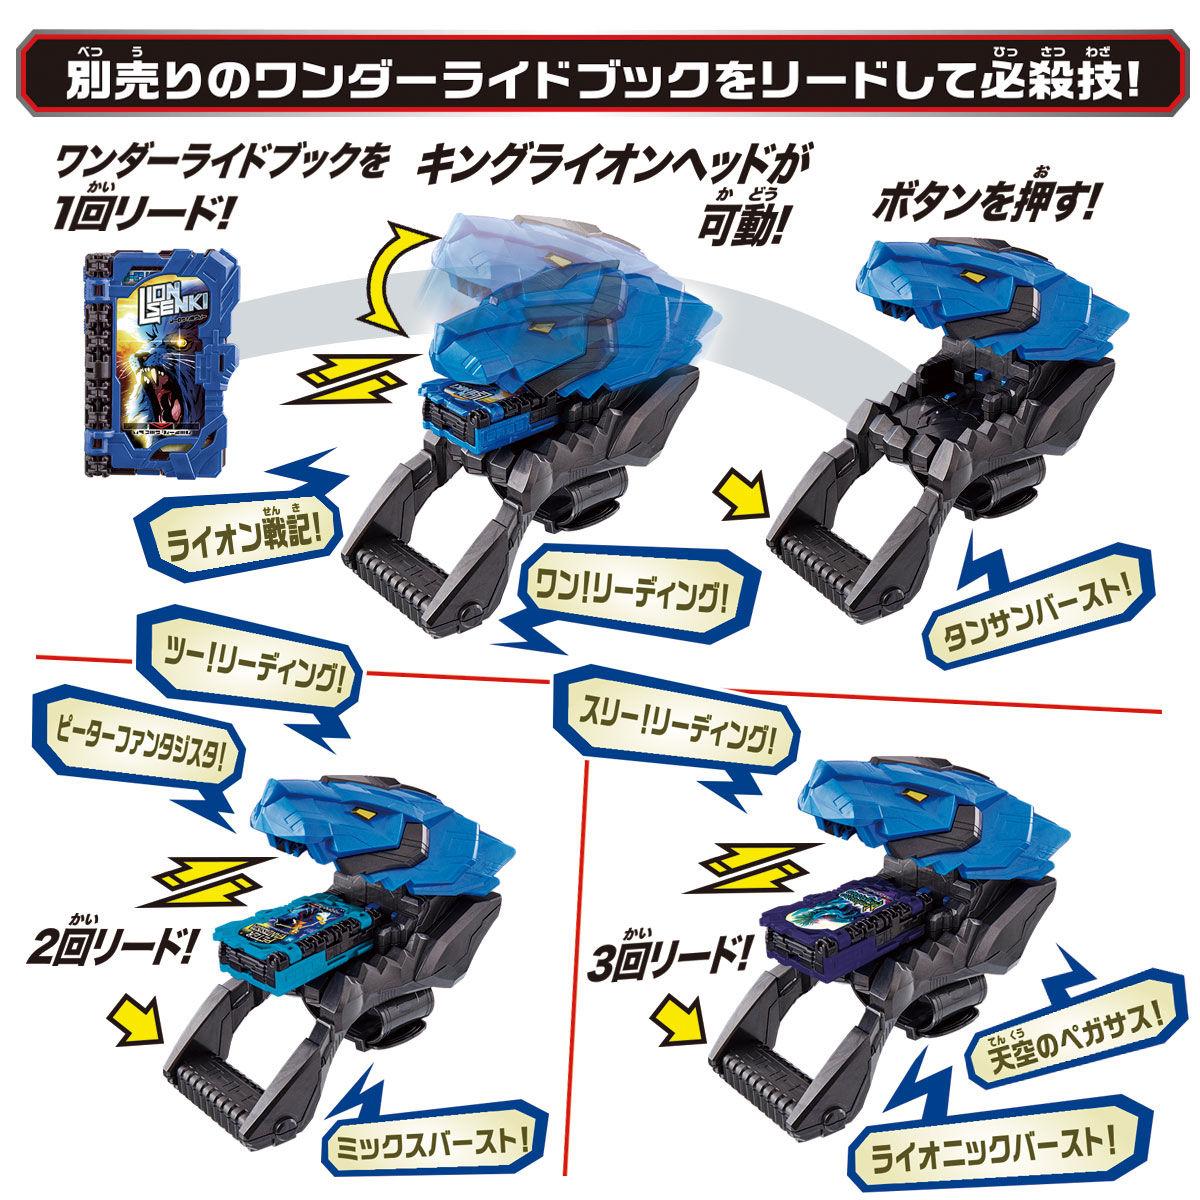 仮面ライダーセイバー『DXドラゴニックブースター&キングライオンブースター』変身なりきり-006